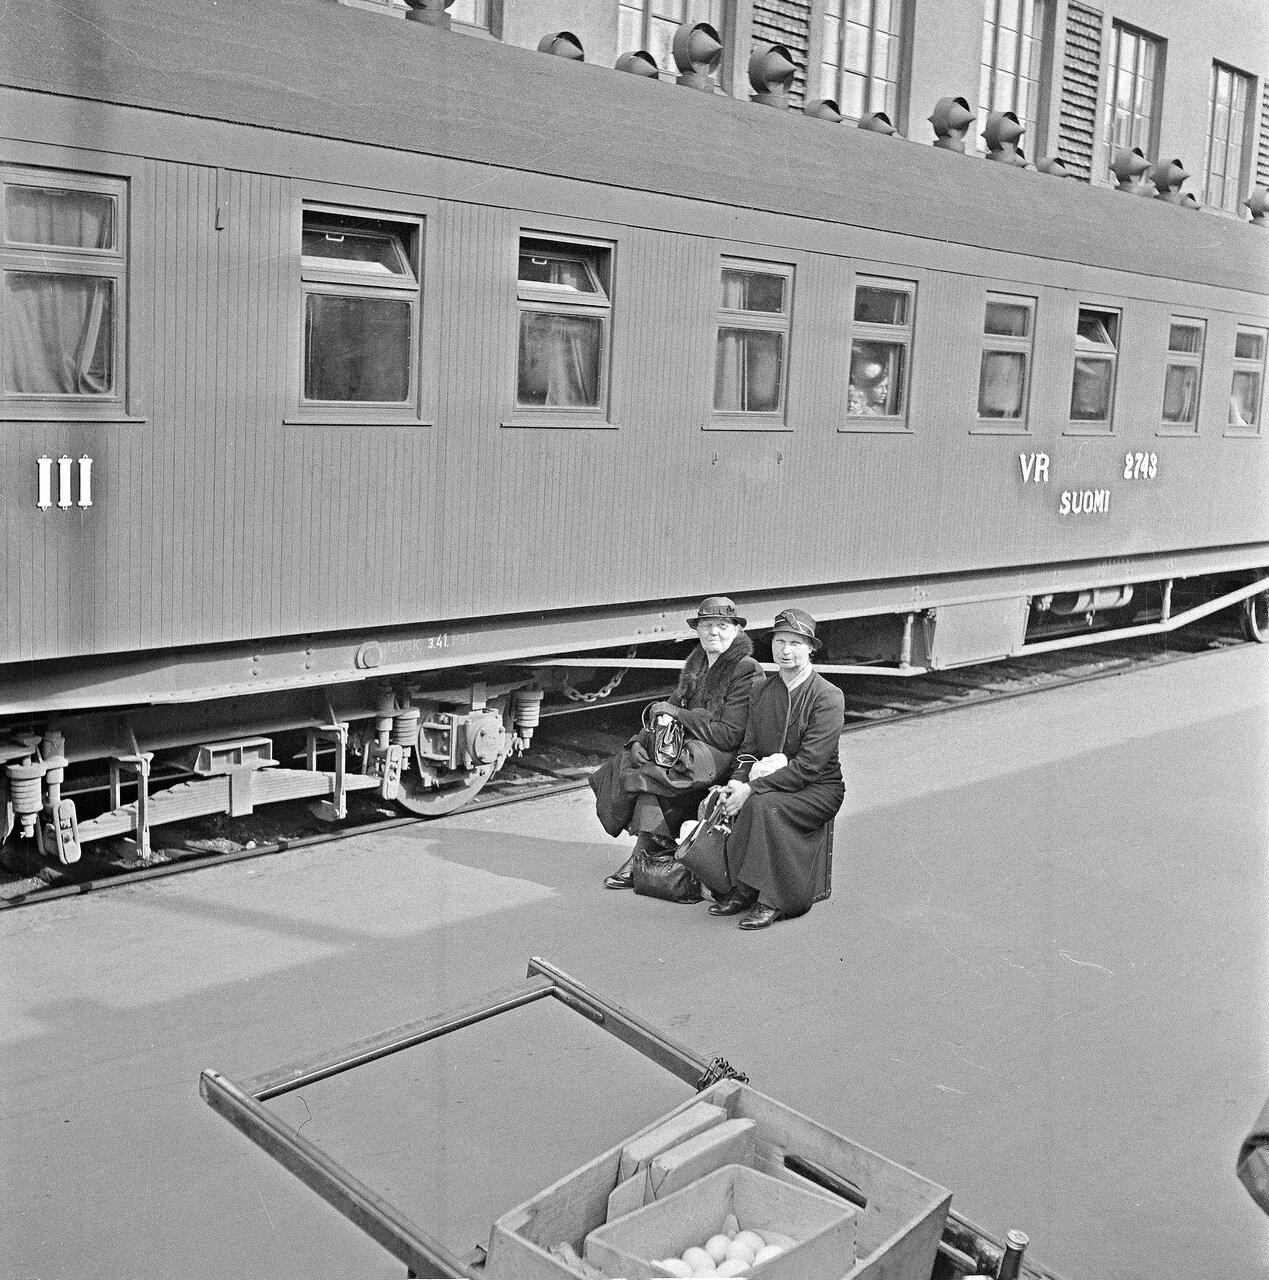 1941. 20 июня. Центральный вокзал. На перроне